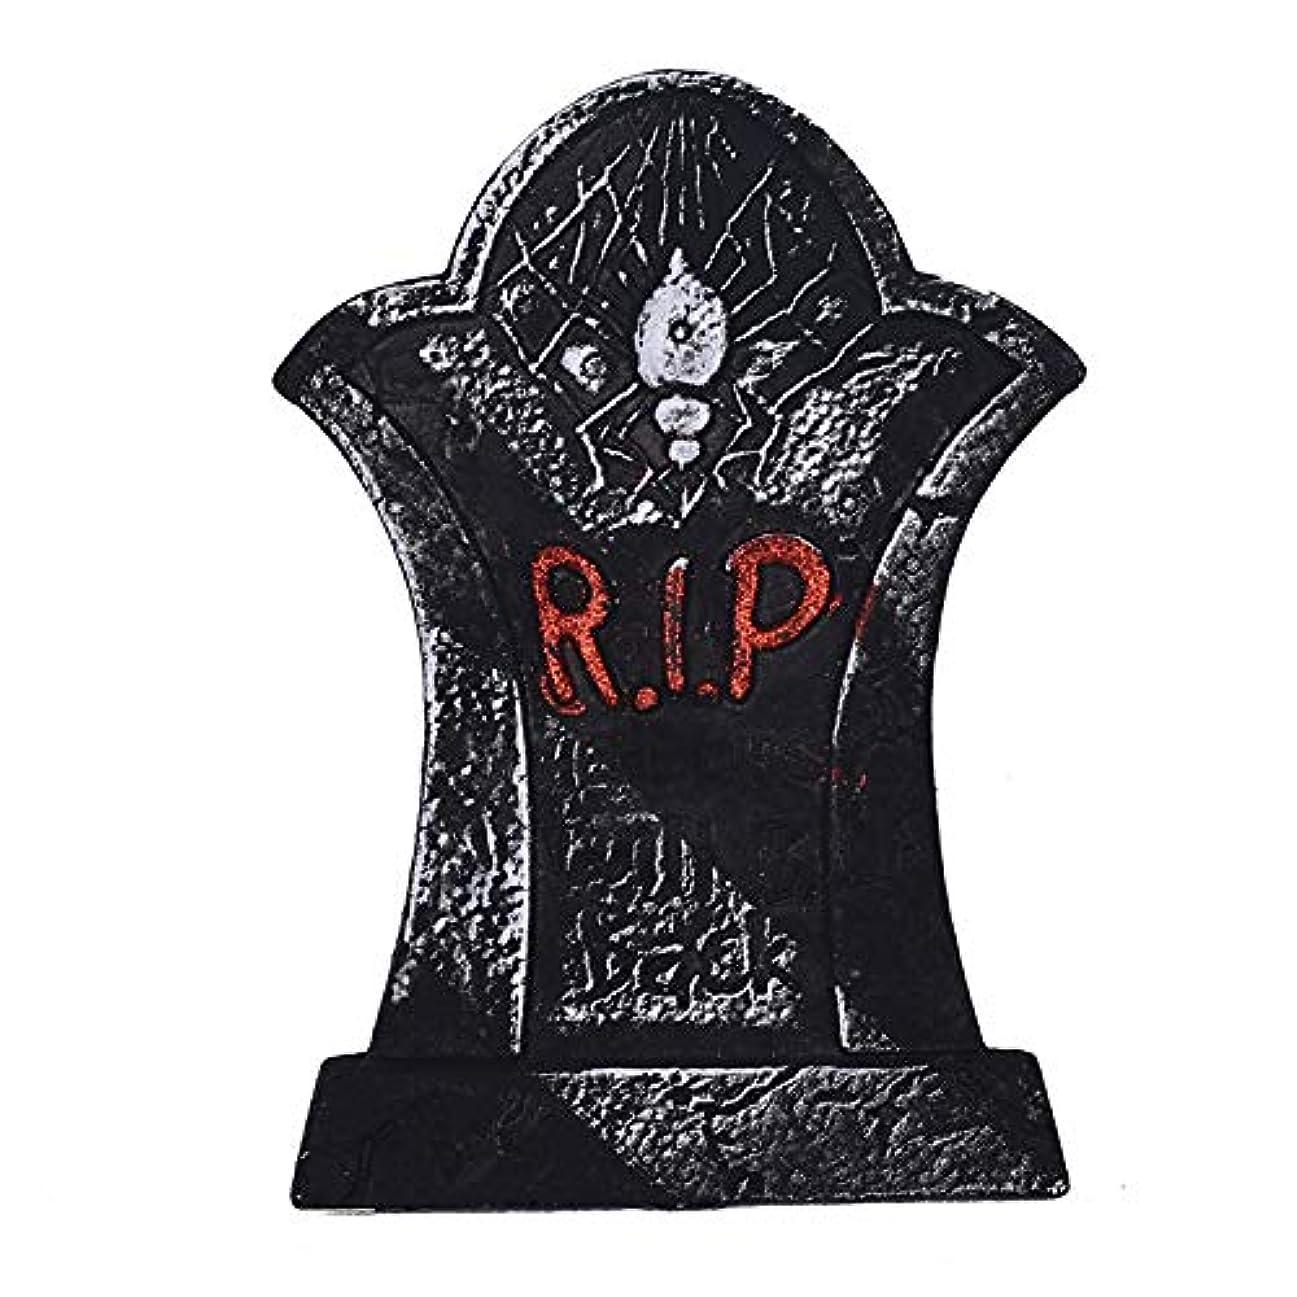 スカートマスクつかまえるETRRUU HOME ハロウィーンの三次元墓石タトゥーショップ装飾バーお化け屋敷の秘密の部屋怖い怖い装飾小道具